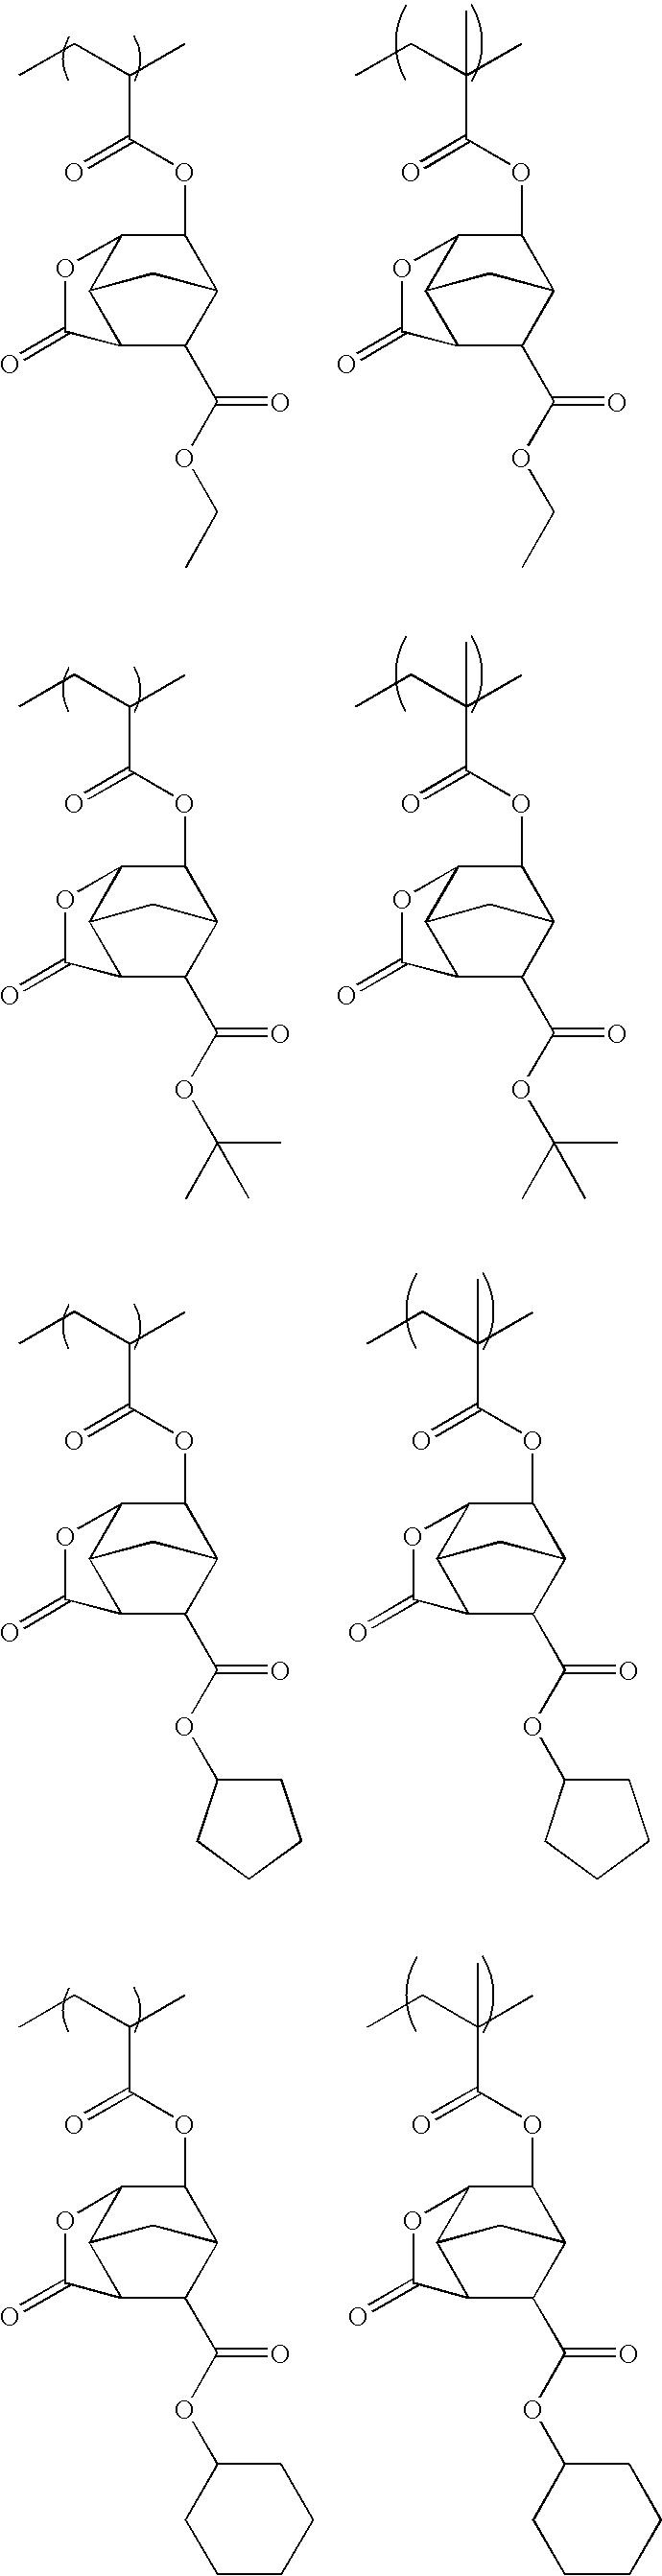 Figure US20090280434A1-20091112-C00037